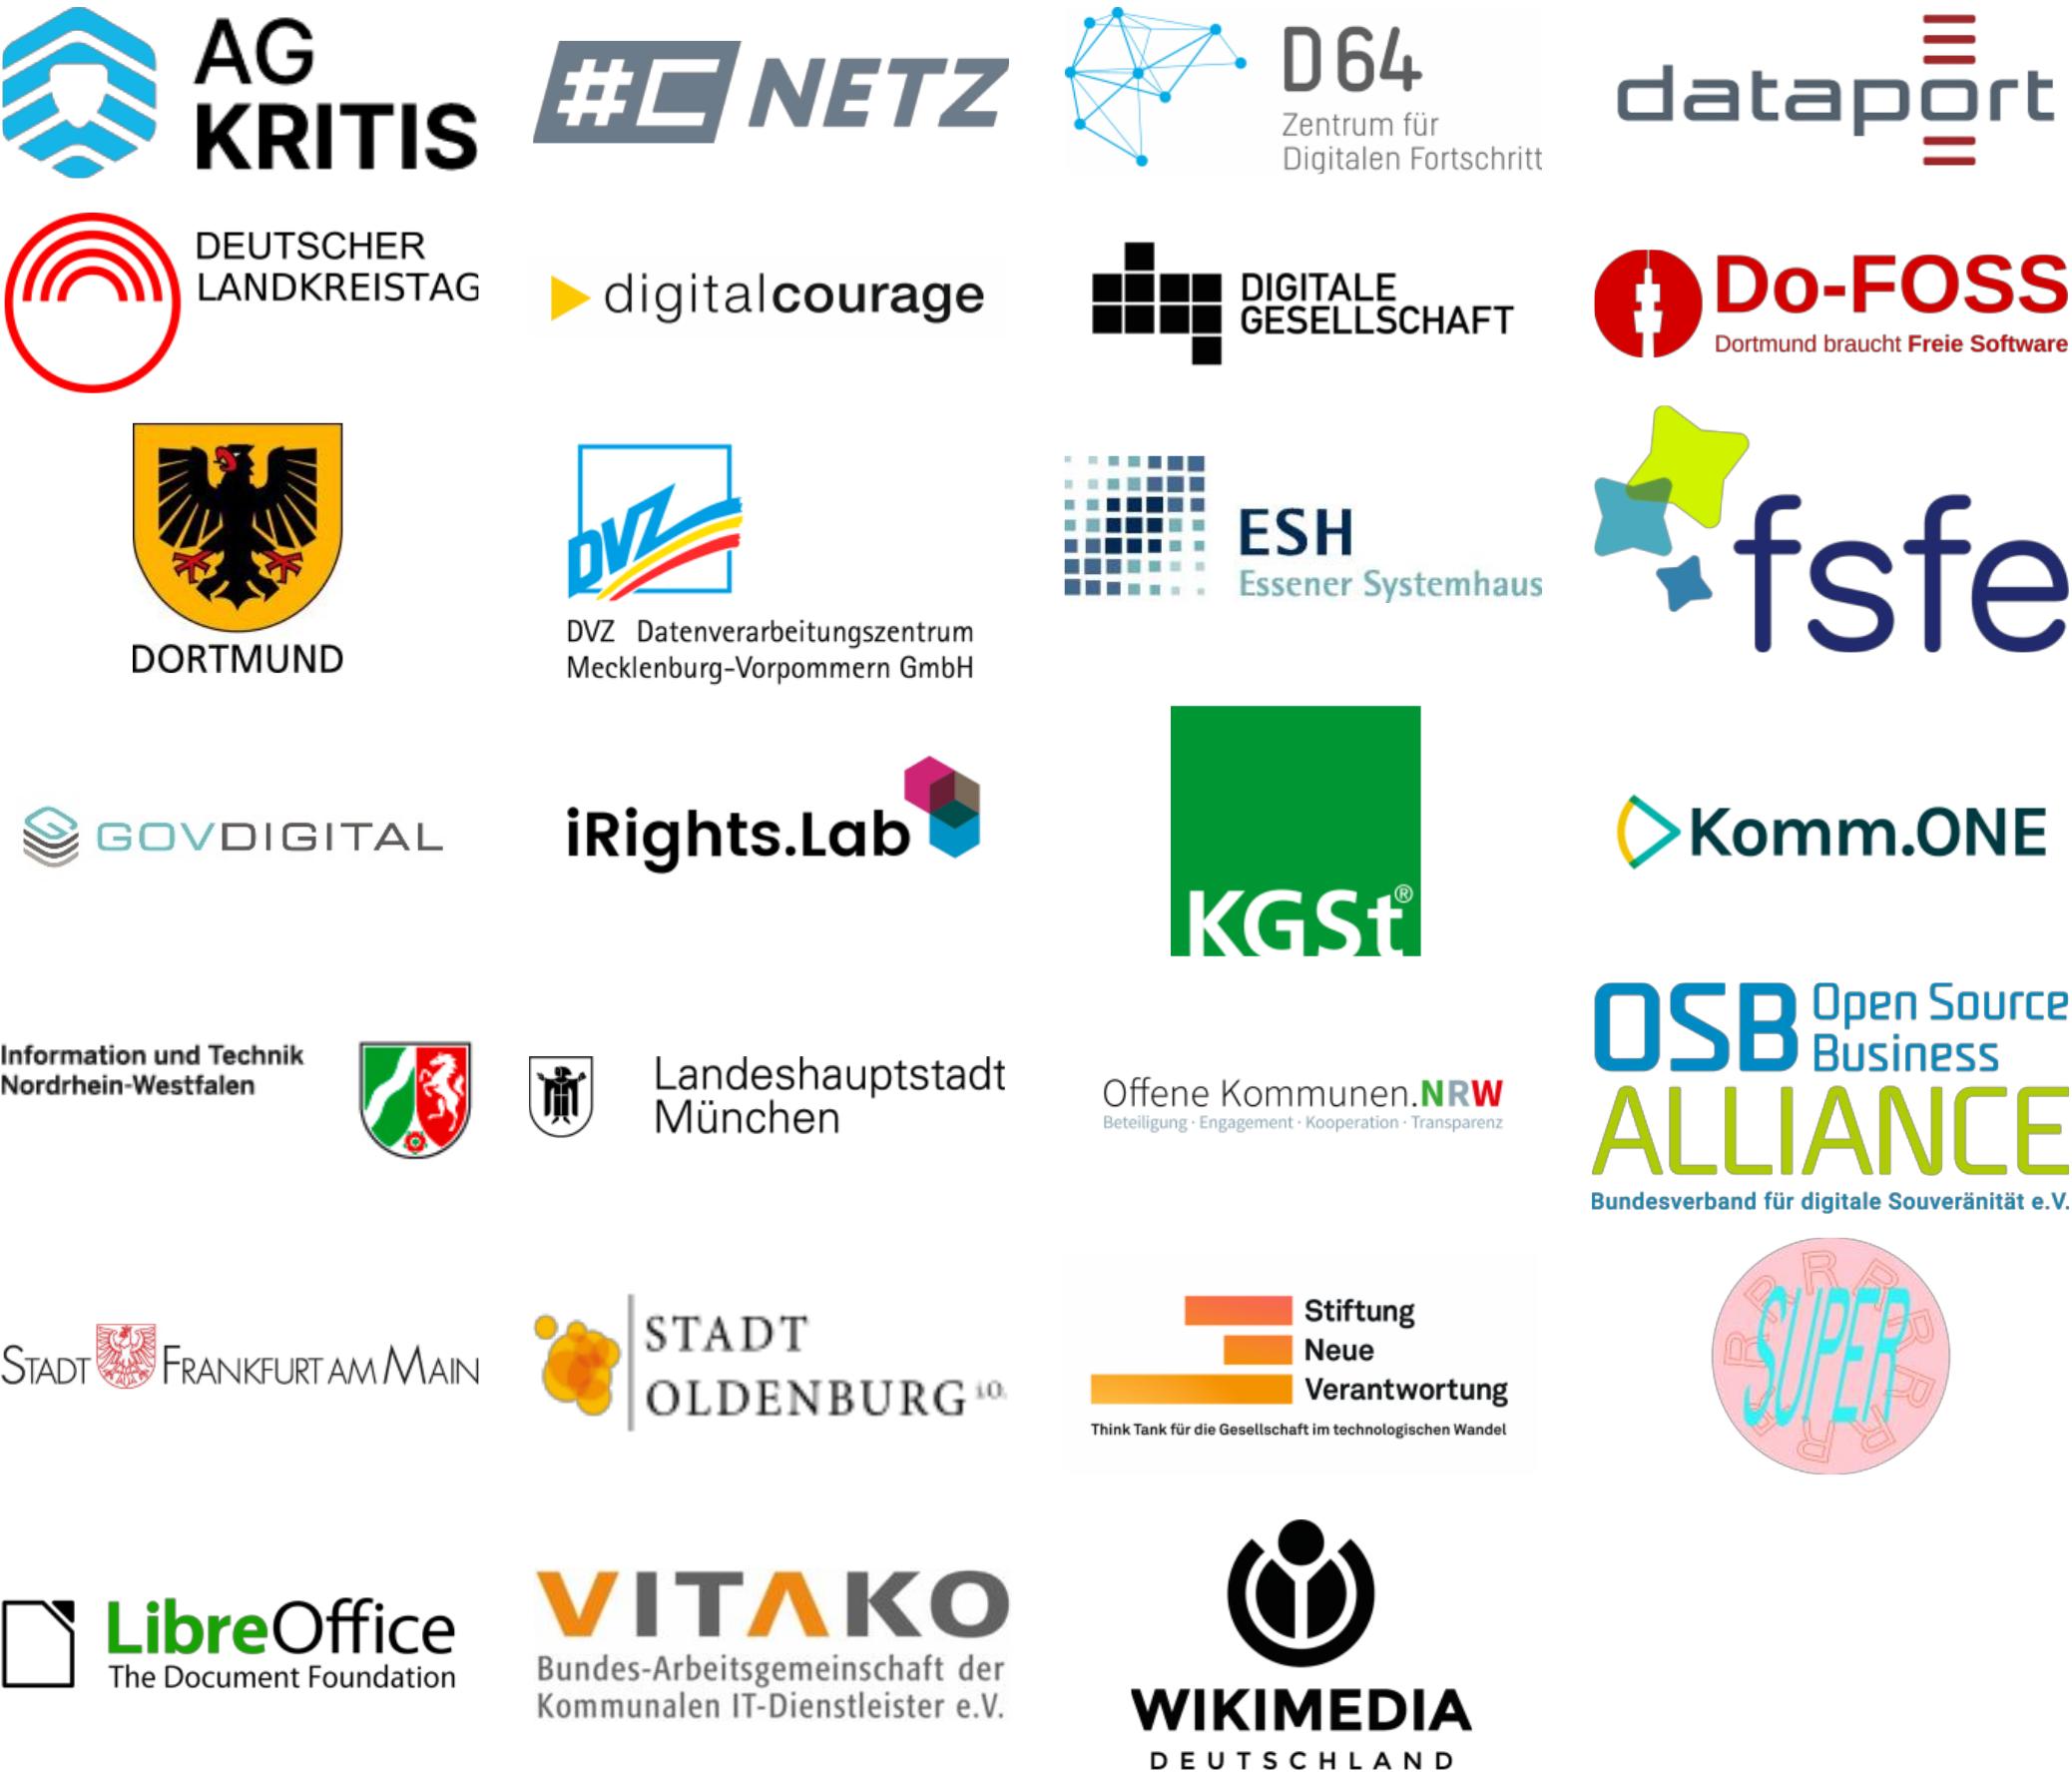 Logos der Unterstützer für ein öffentliches Code-Repository